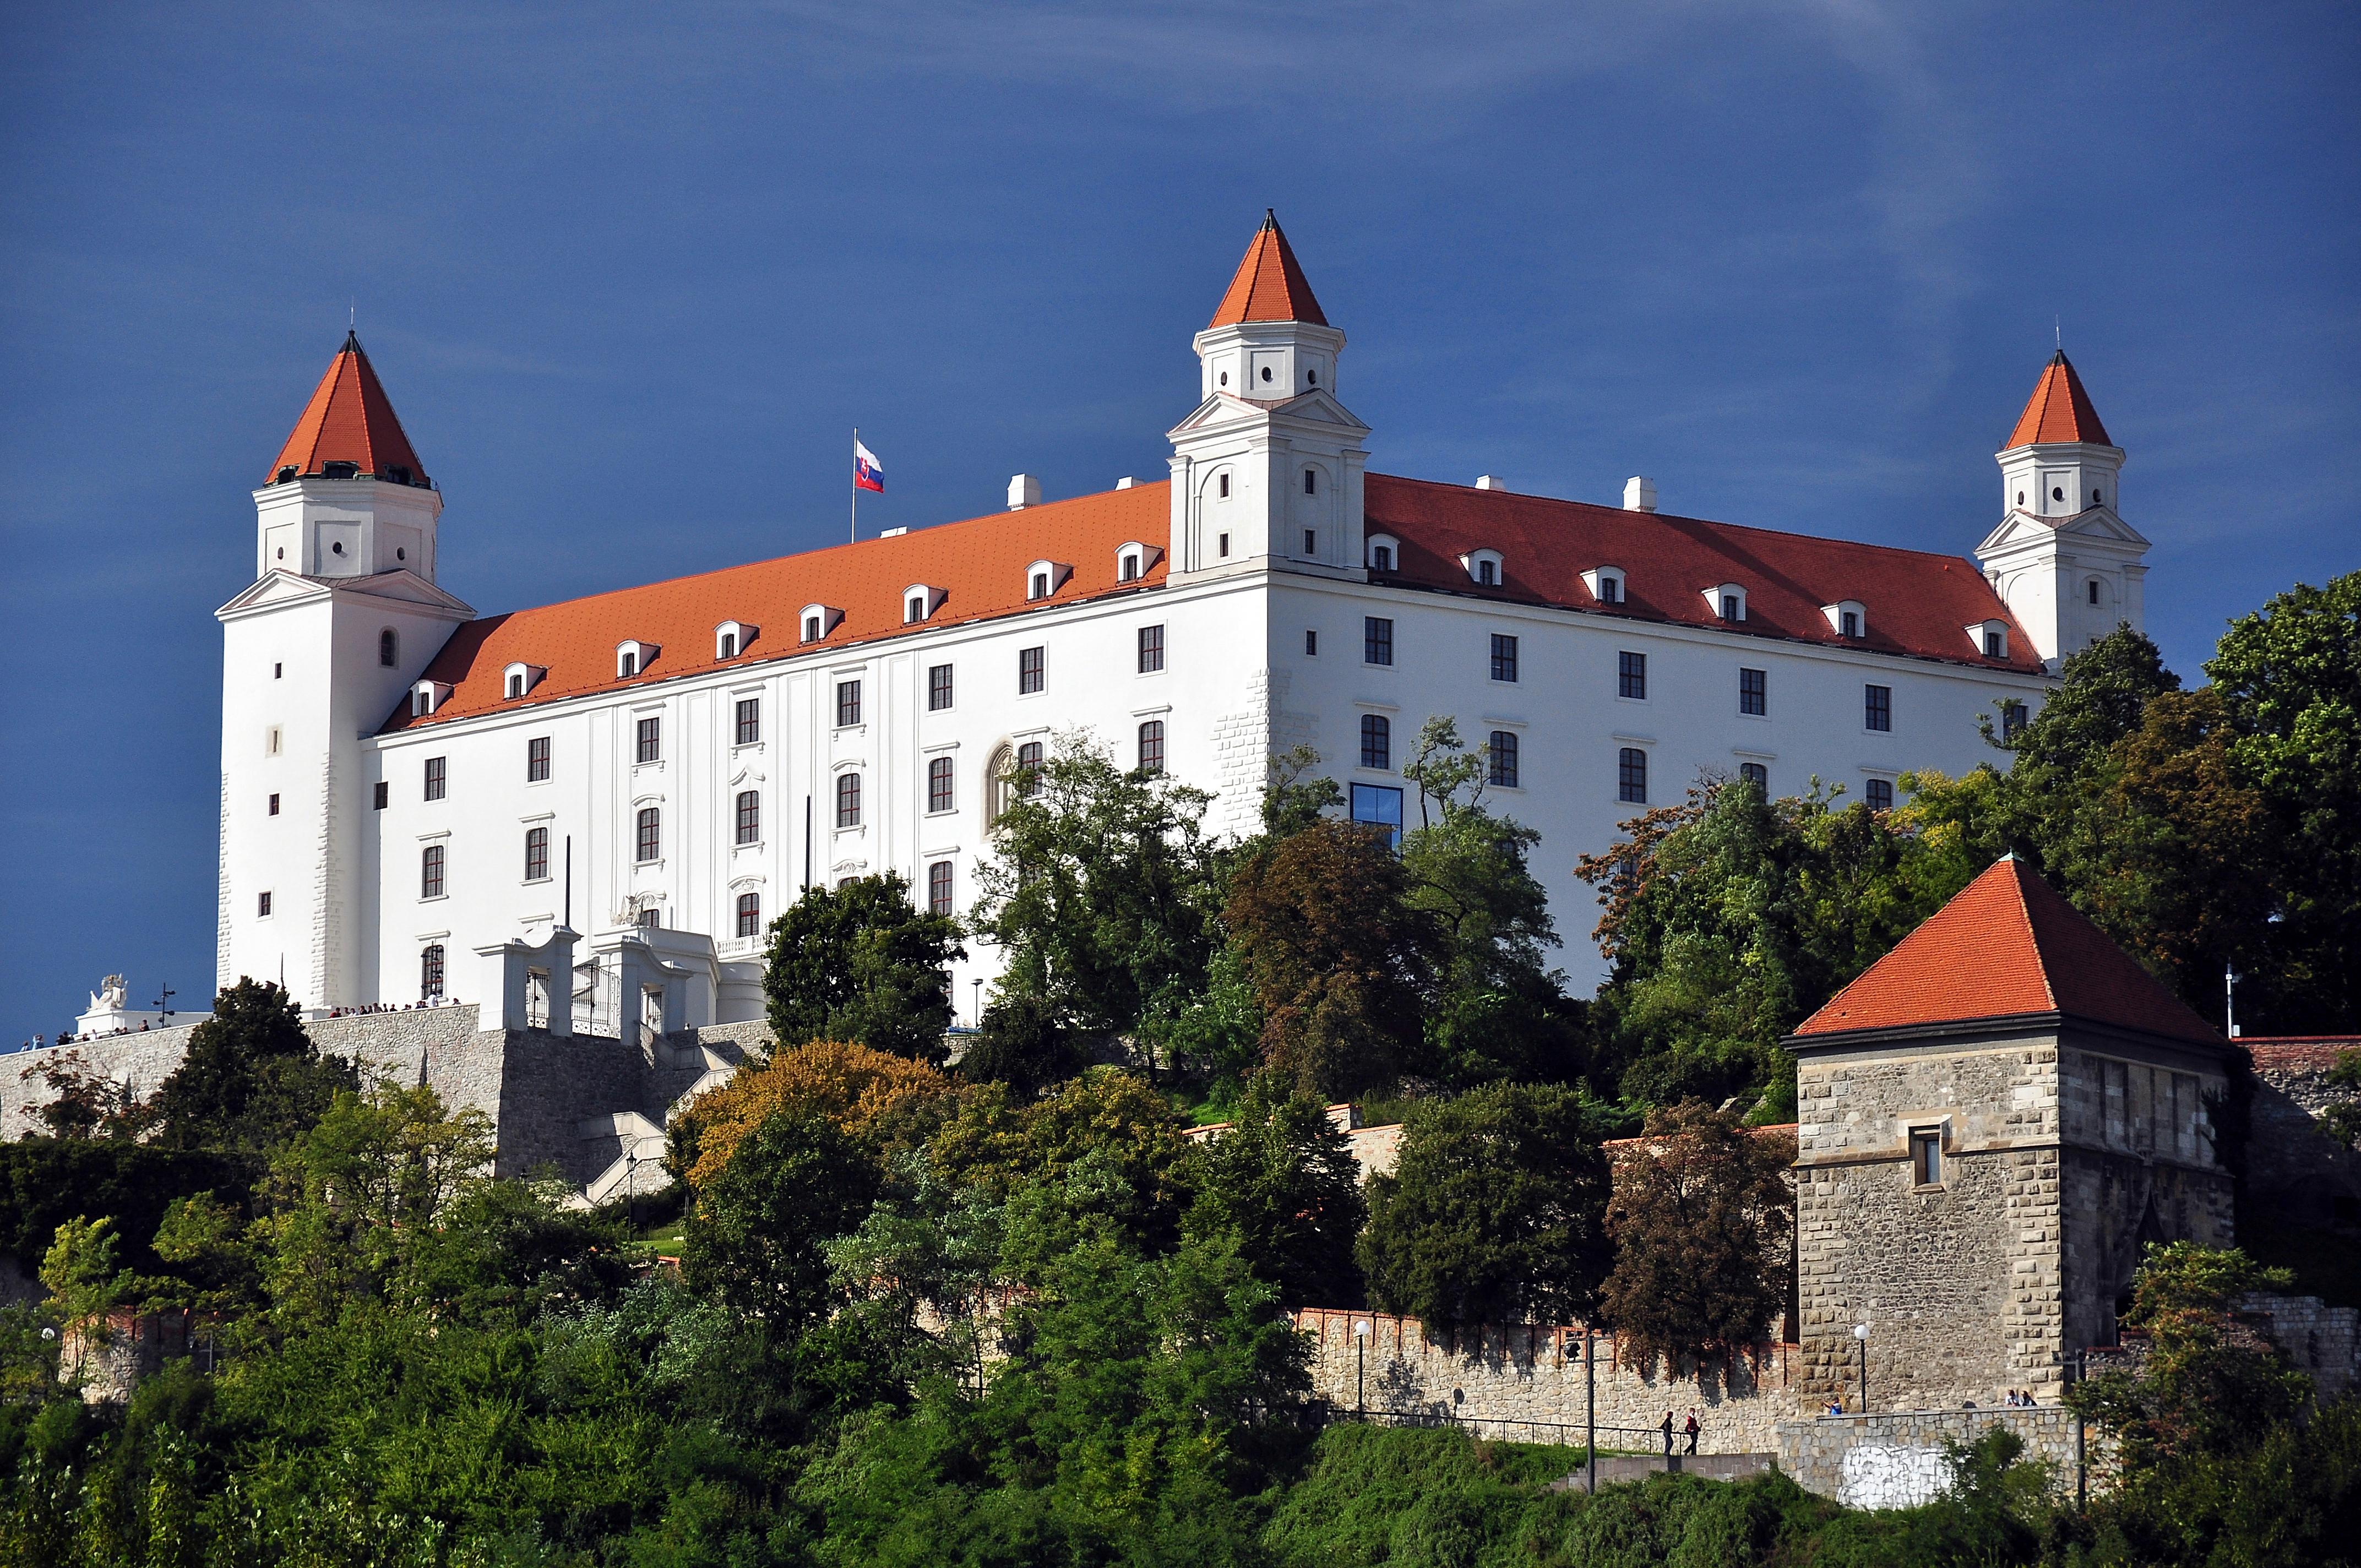 Le château de Bratislava où s'est déroulée la rencontre le 16 septembre 2016.